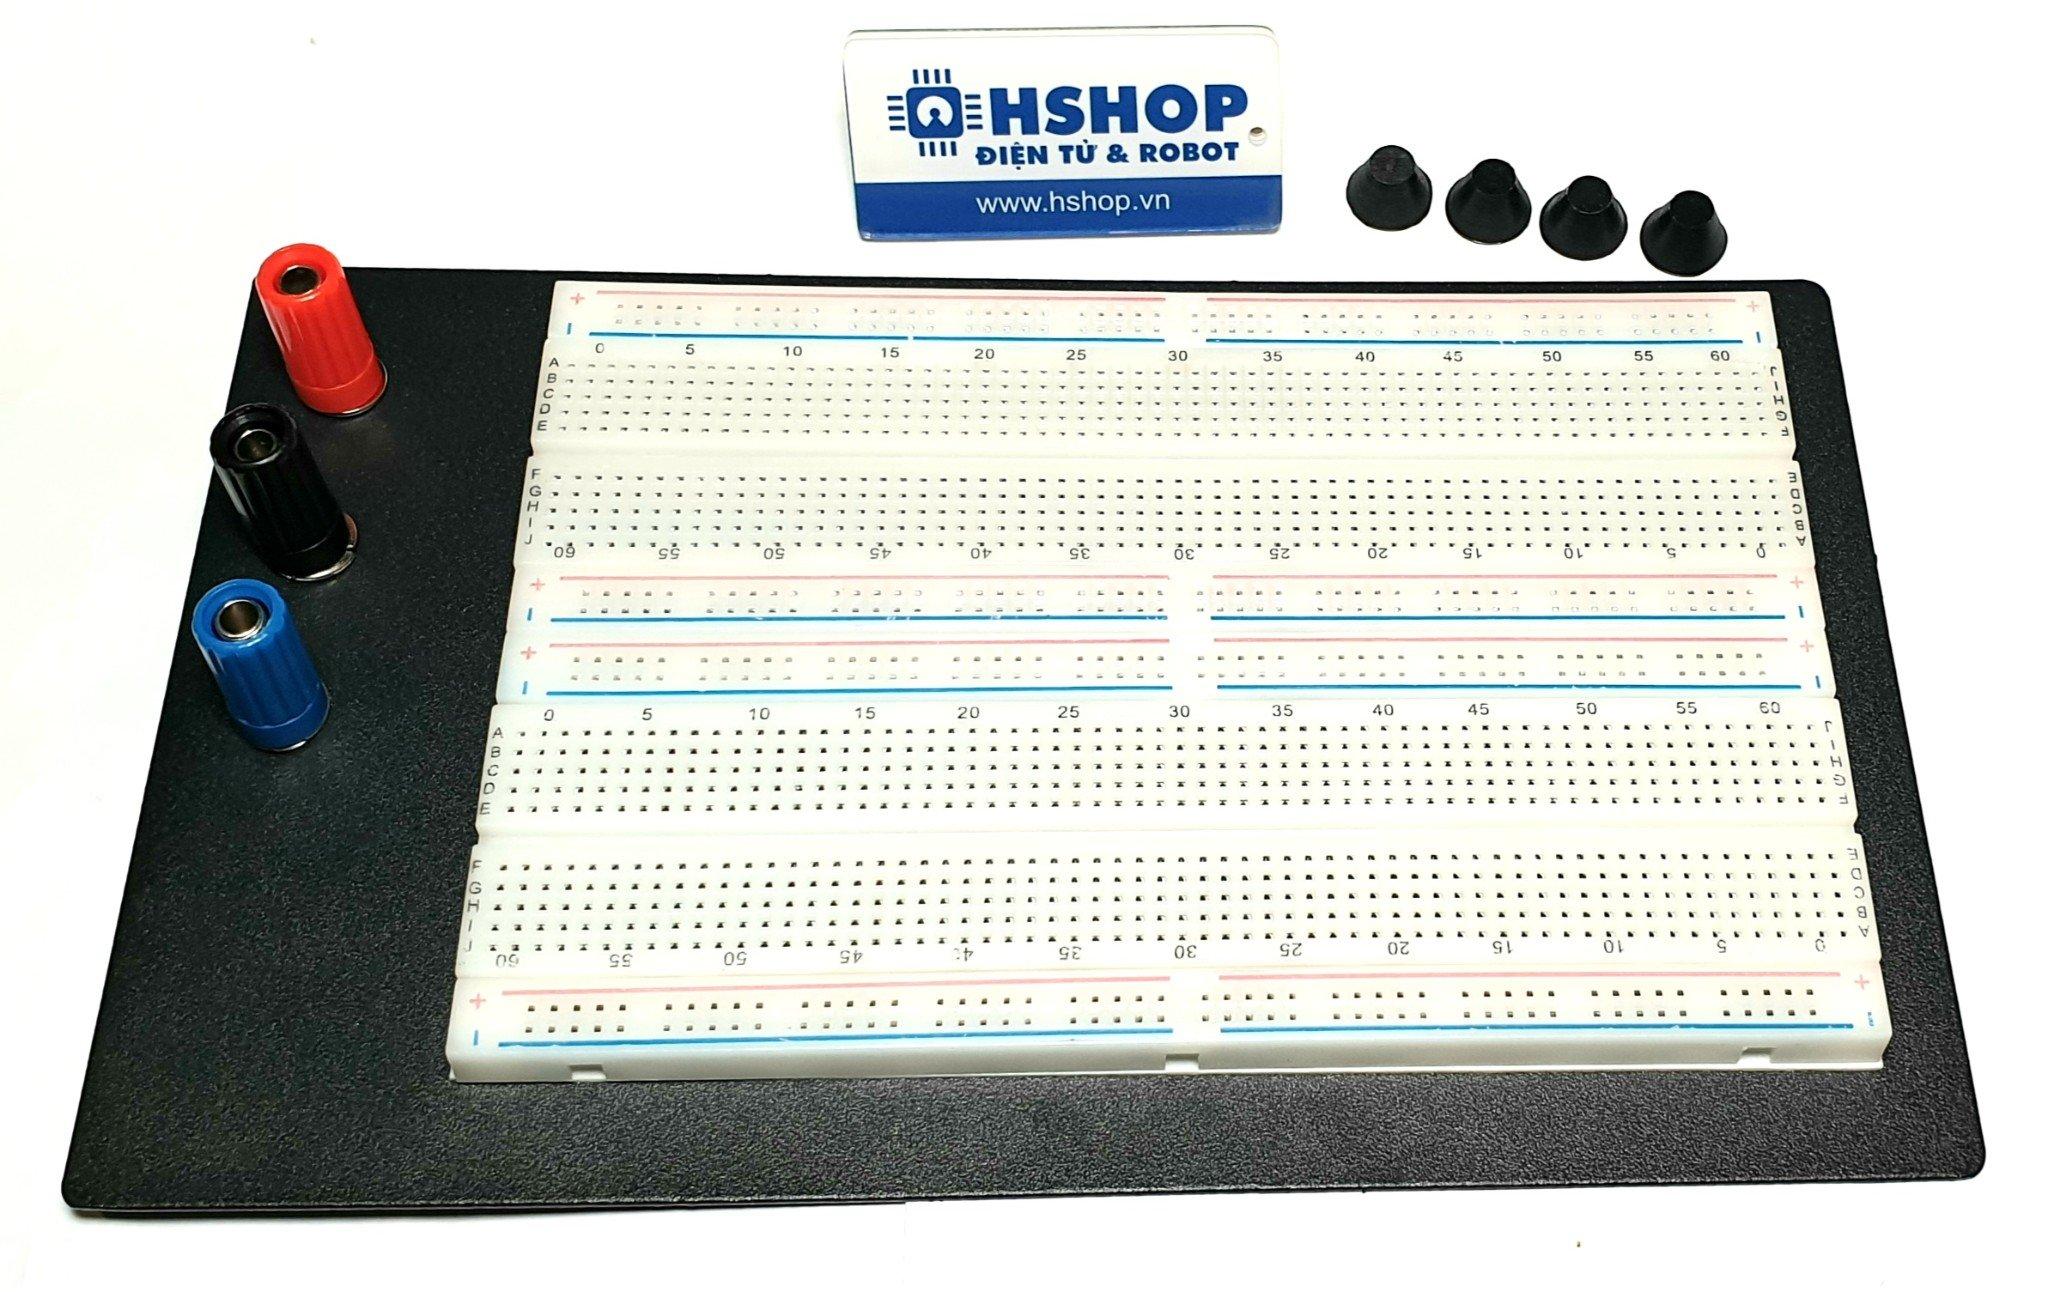 Breadboard ZY-204 1660 lỗ 165x110x10mm